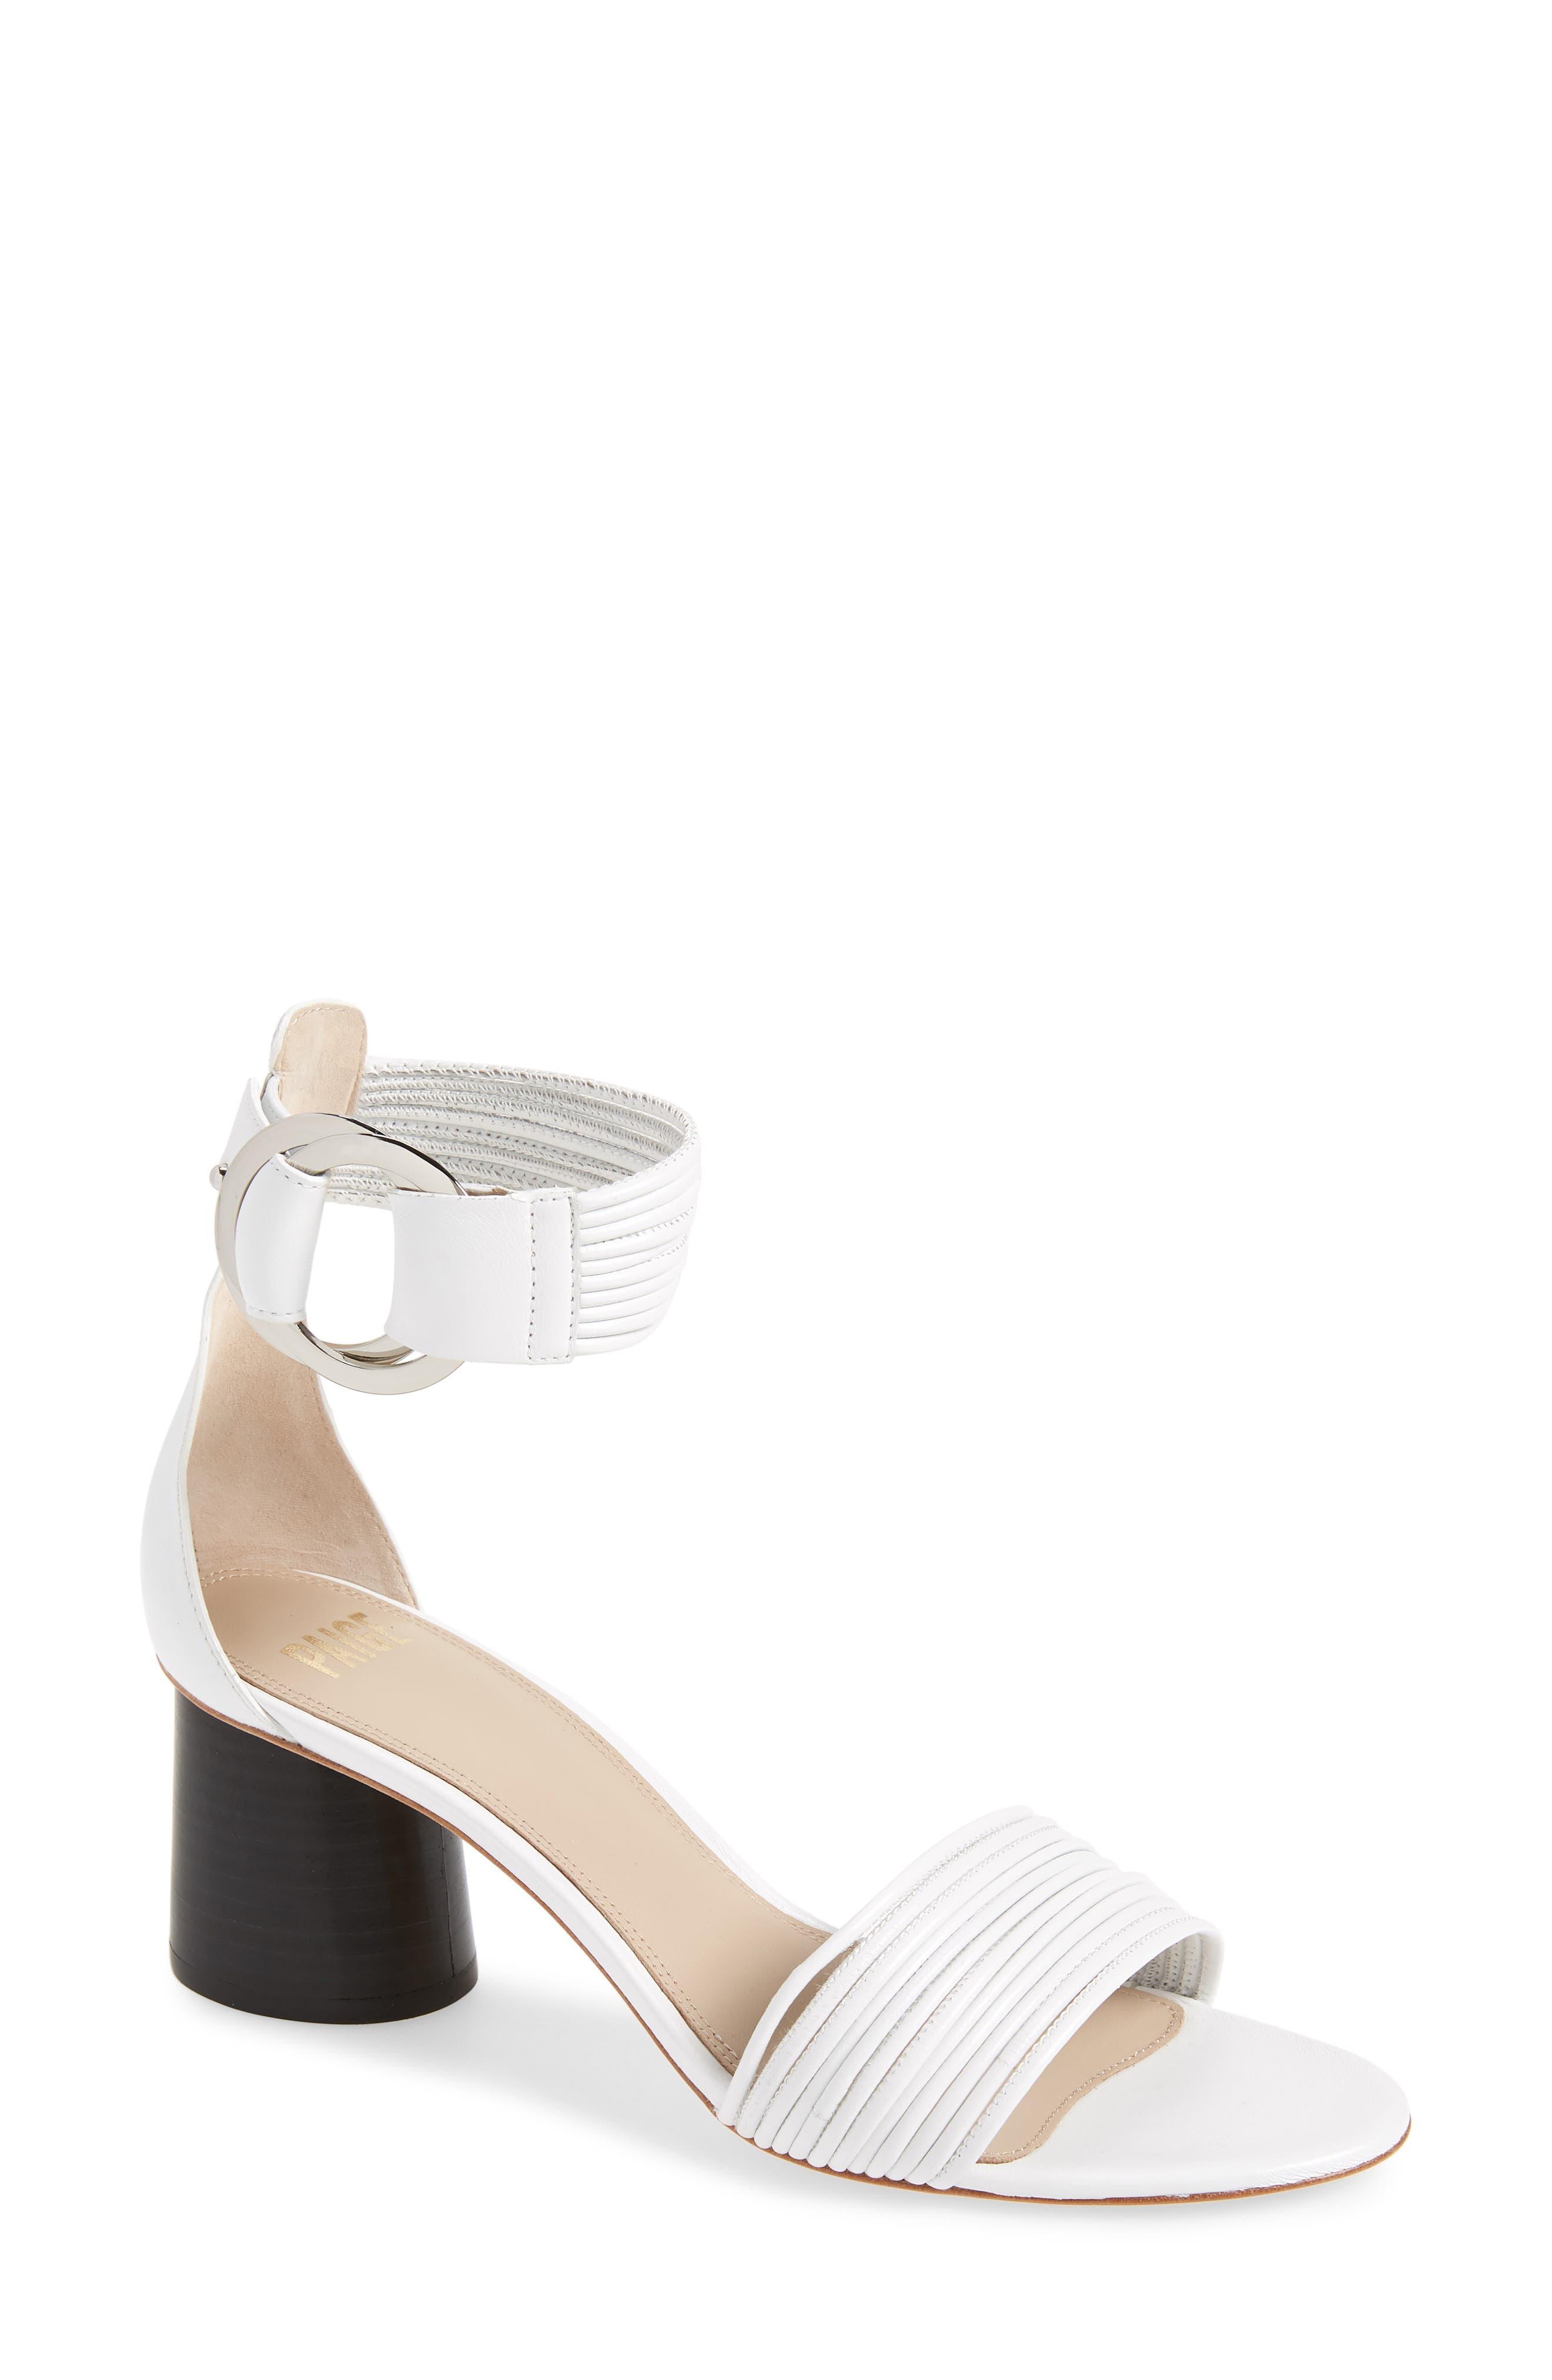 cf27e2c47ee Paige Ankle Strap Sandal